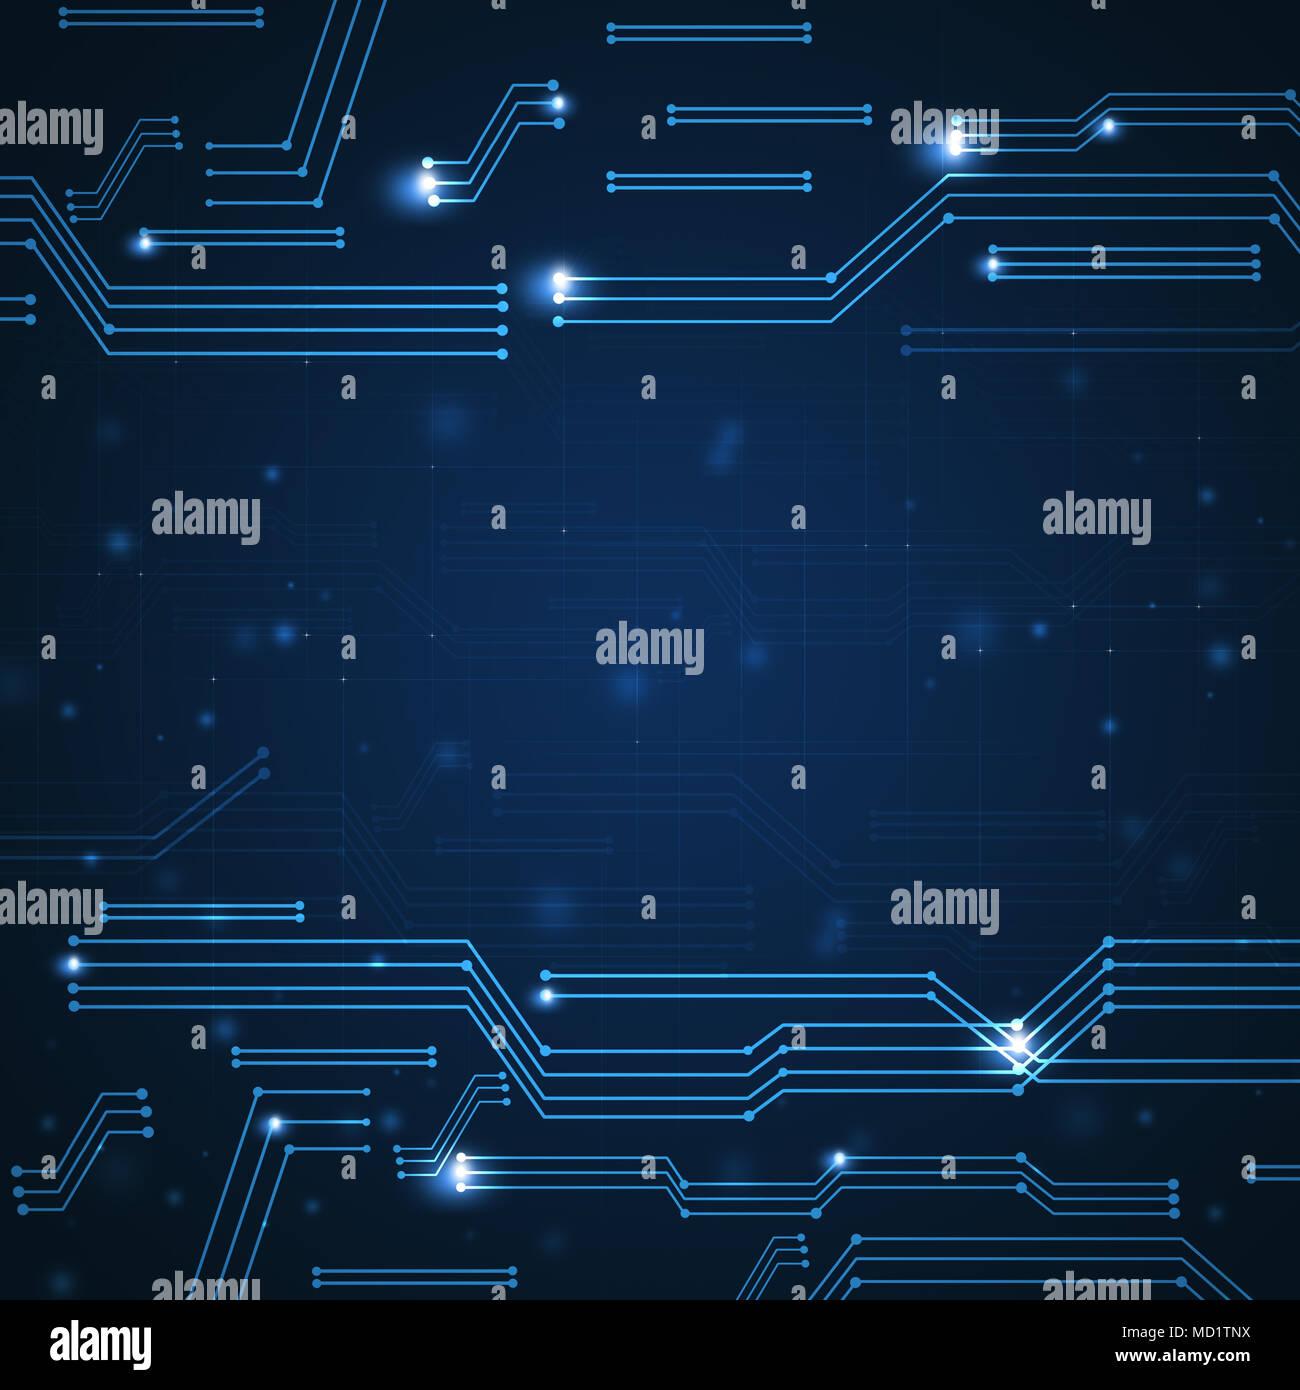 Digitale Konzept grafische Darstellung Verbindungen technology Hintergrund Stockbild